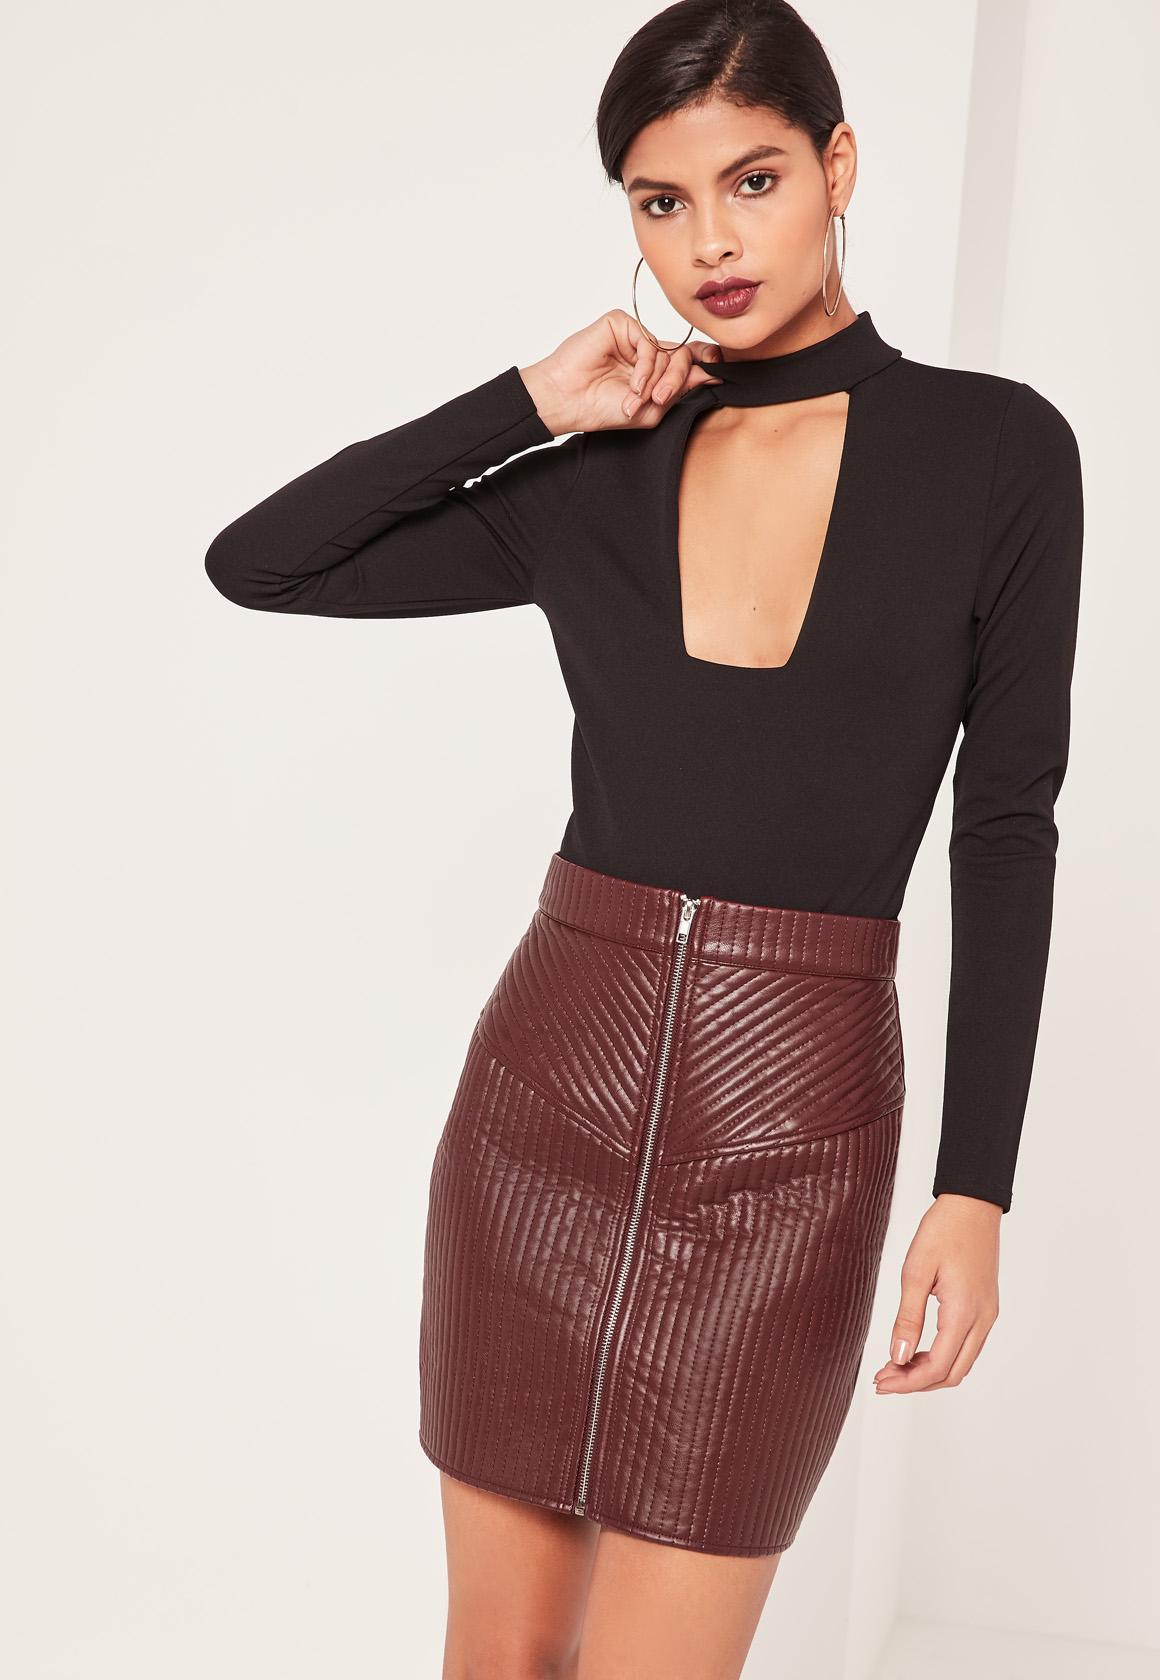 Бордовая юбка стеганая